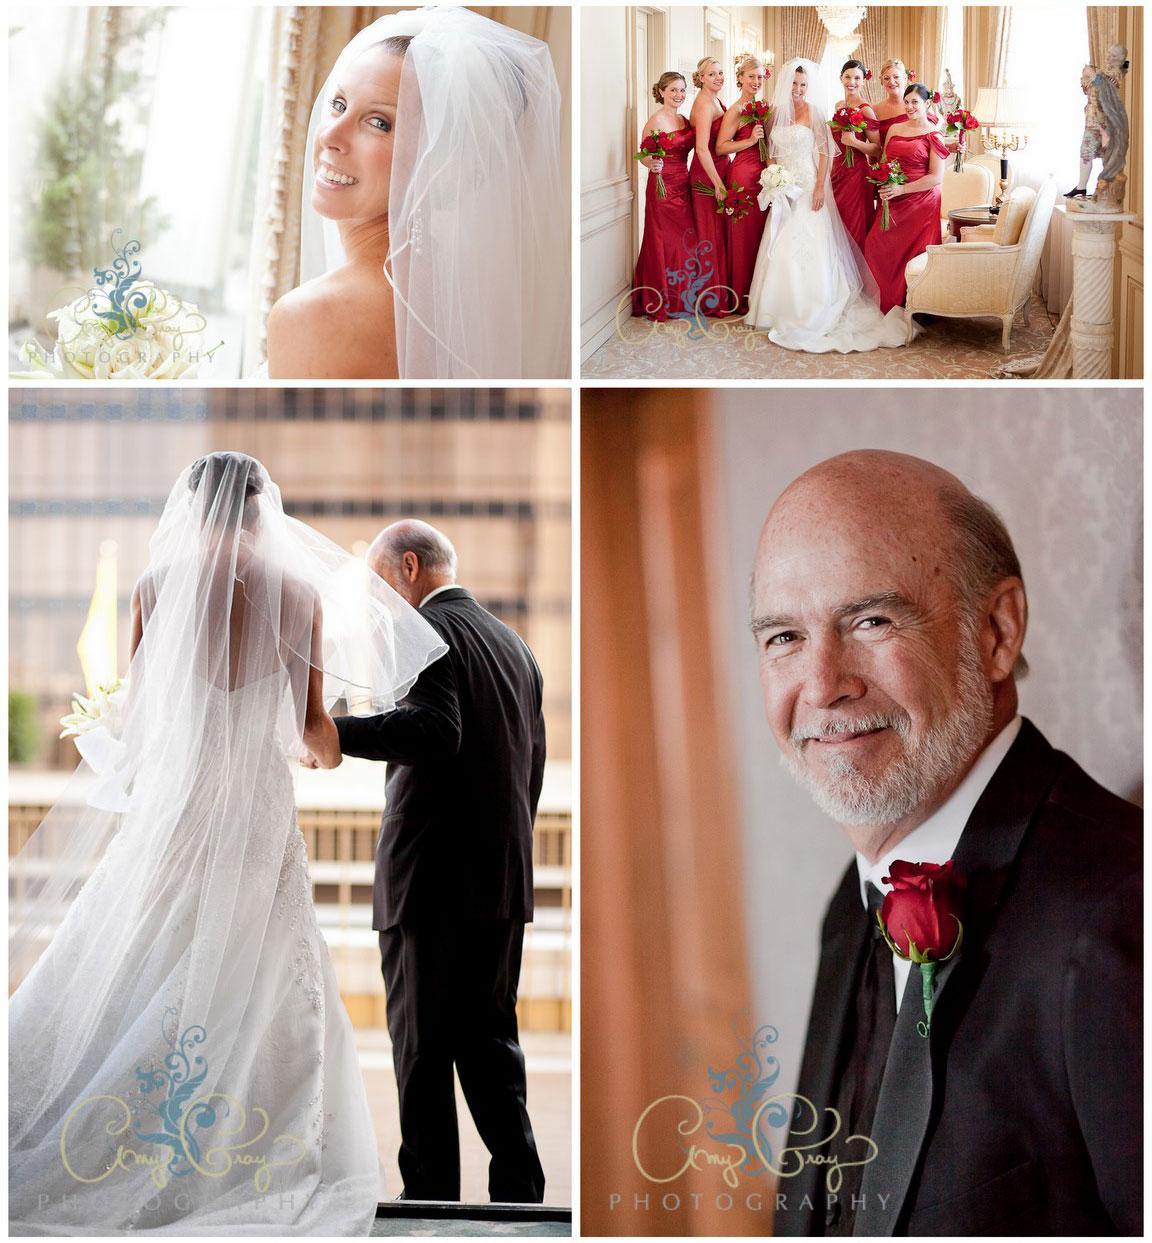 Jordan-Viani-Wedding3